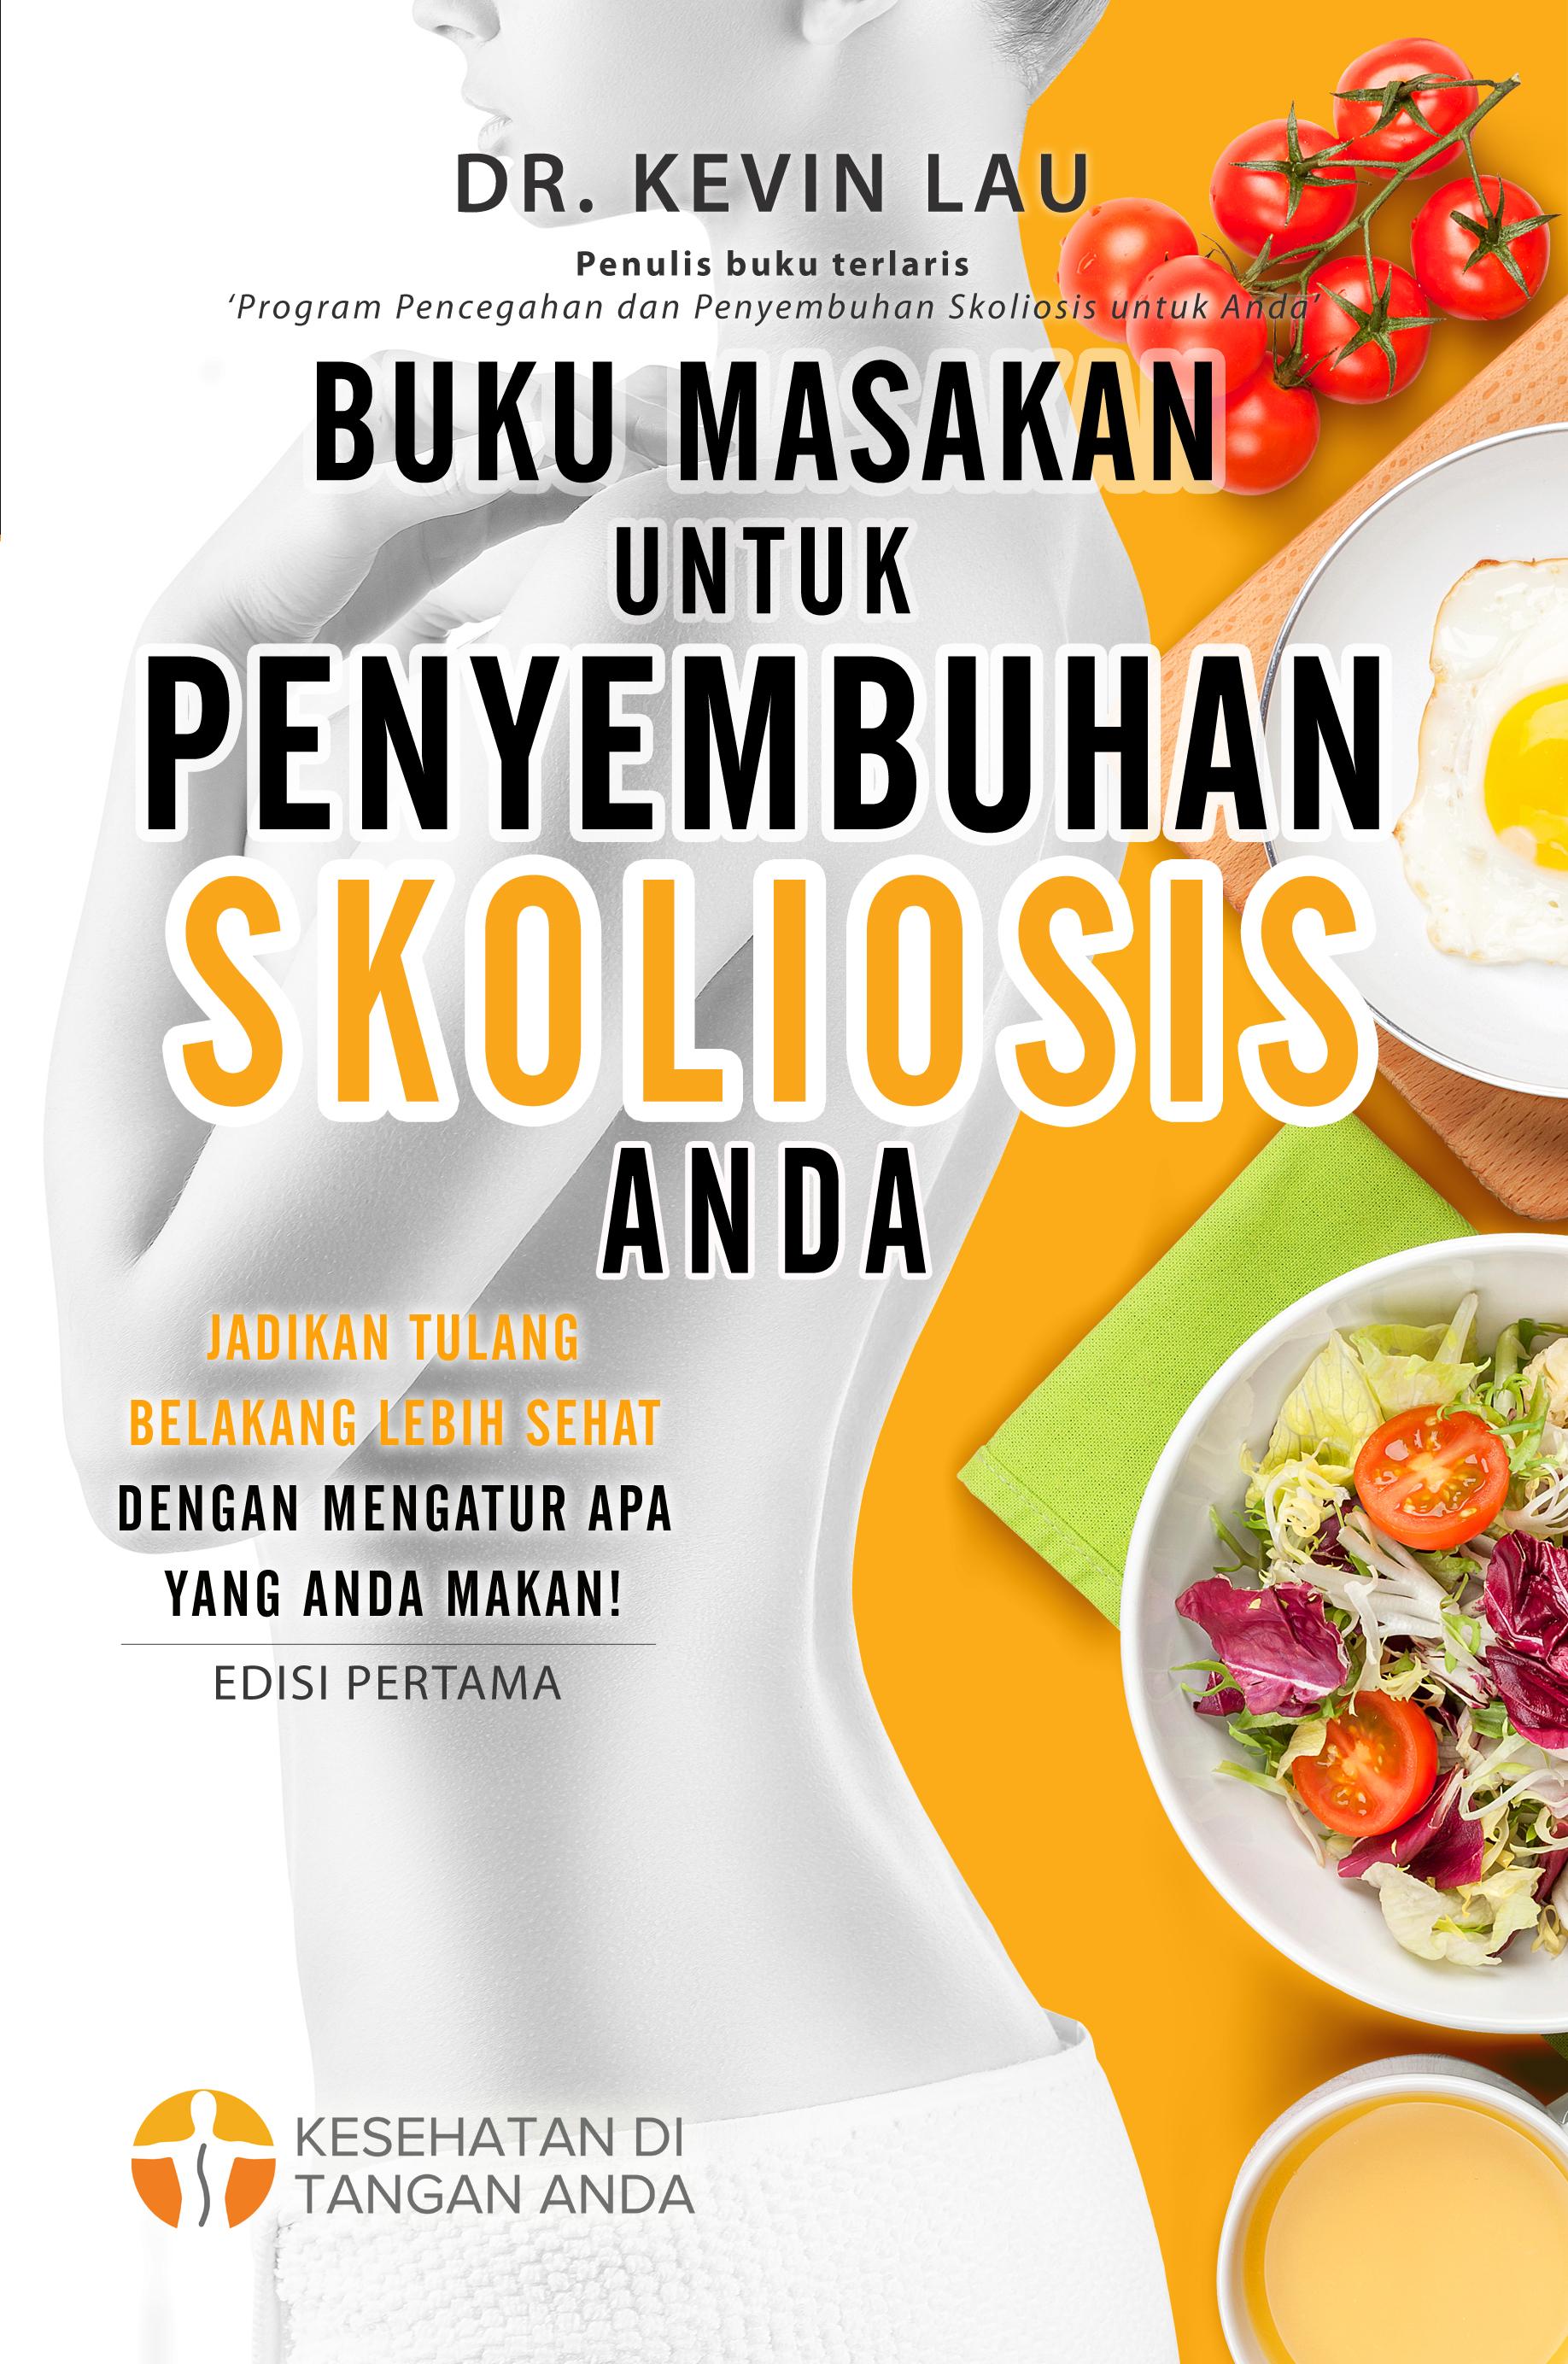 Smashwords - Buku Masakan untuk Penyembuhan Skoliosis Anda ...